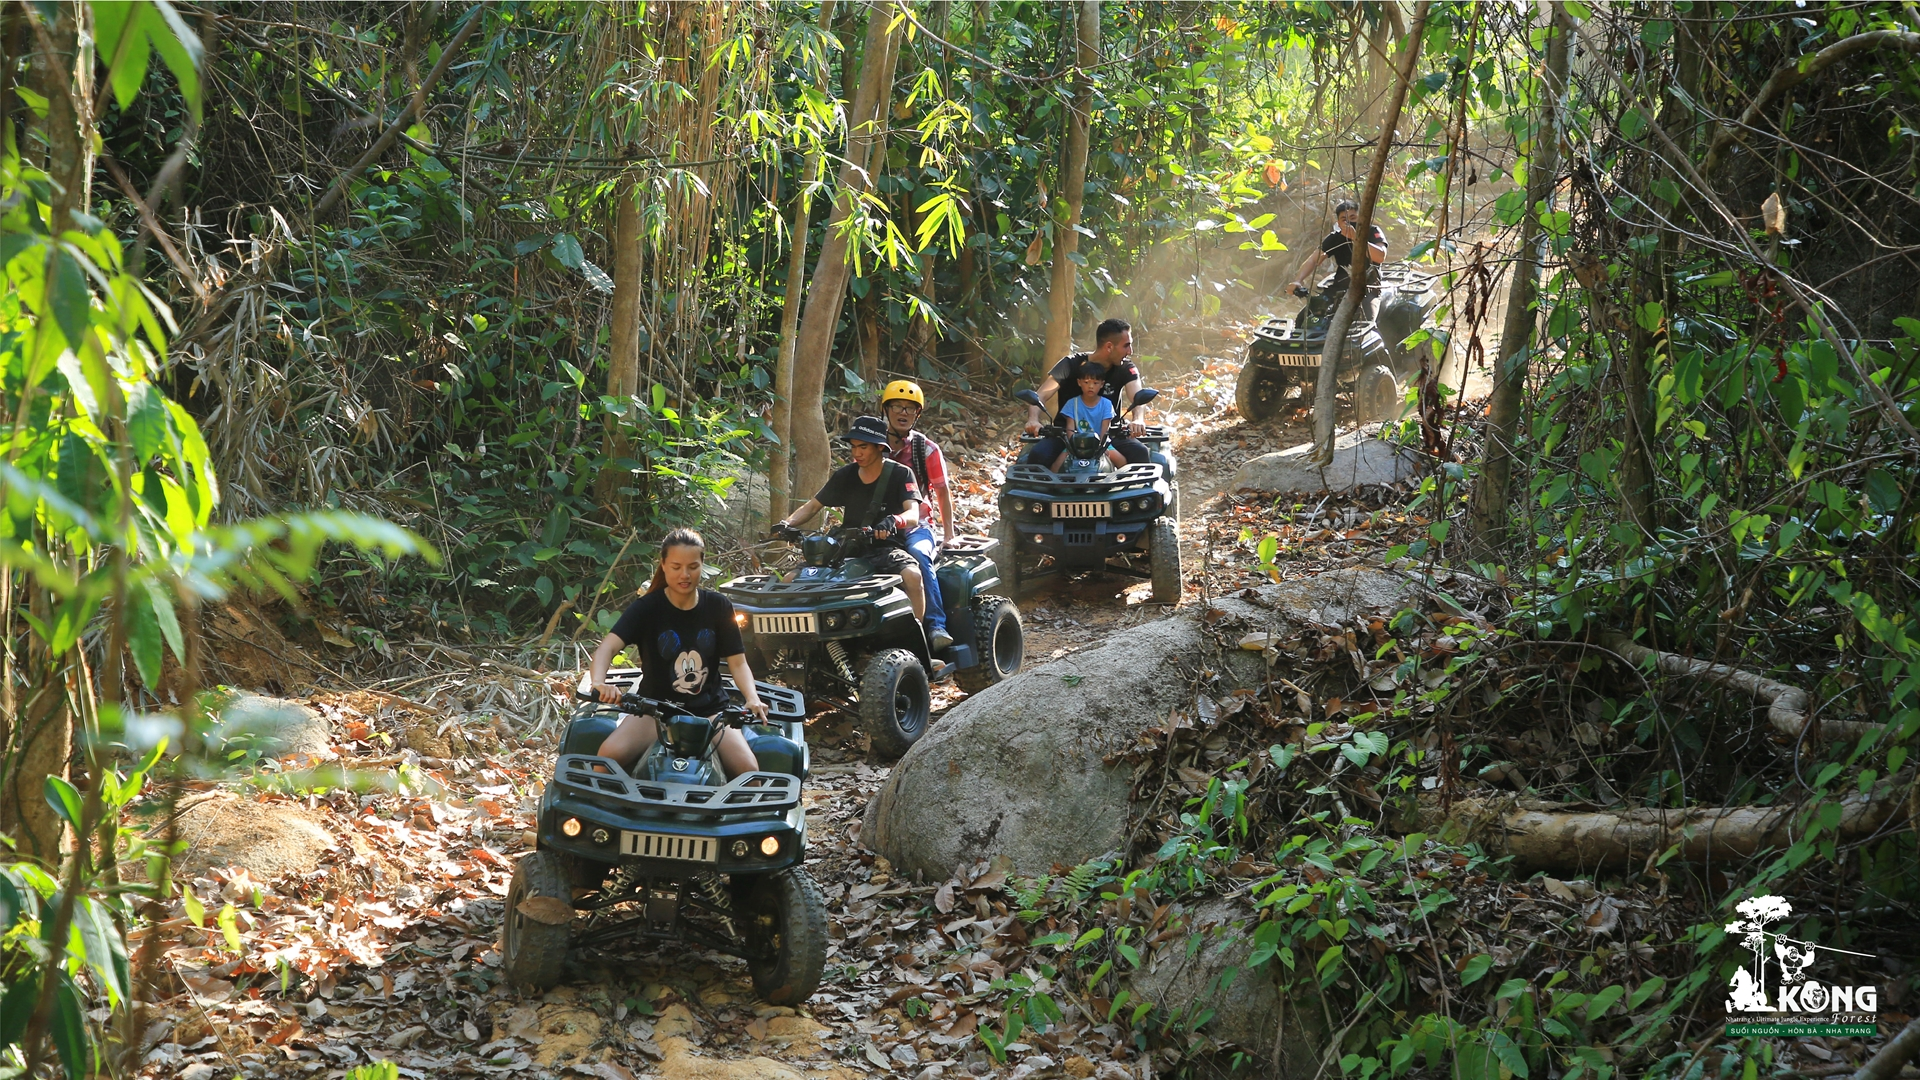 Slide-7-ATV